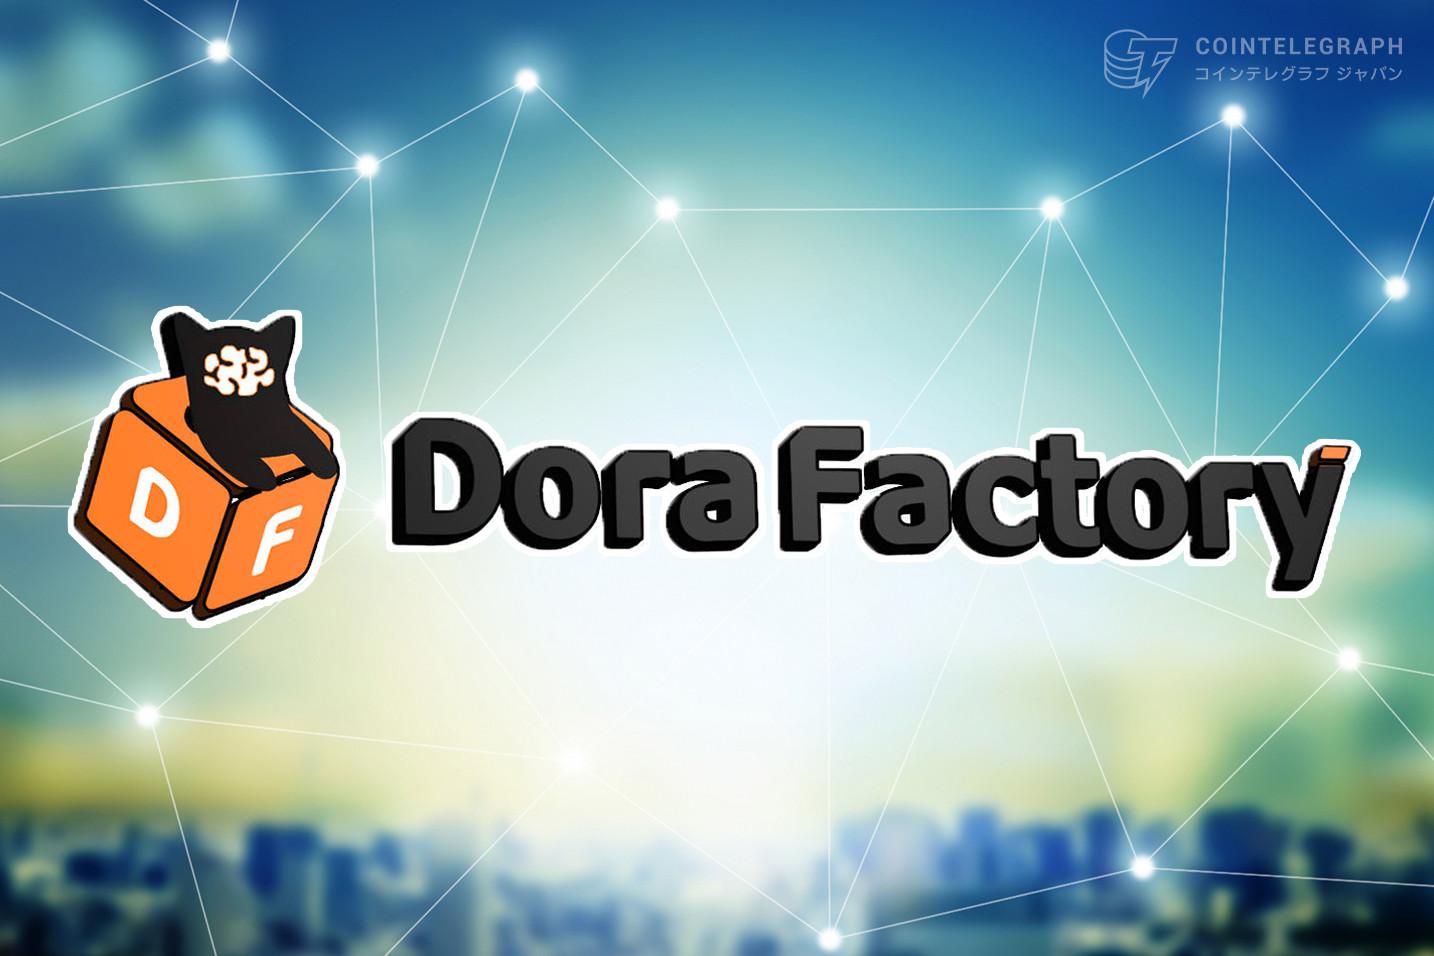 Dora Factoryの第2次プライベートセールが終了